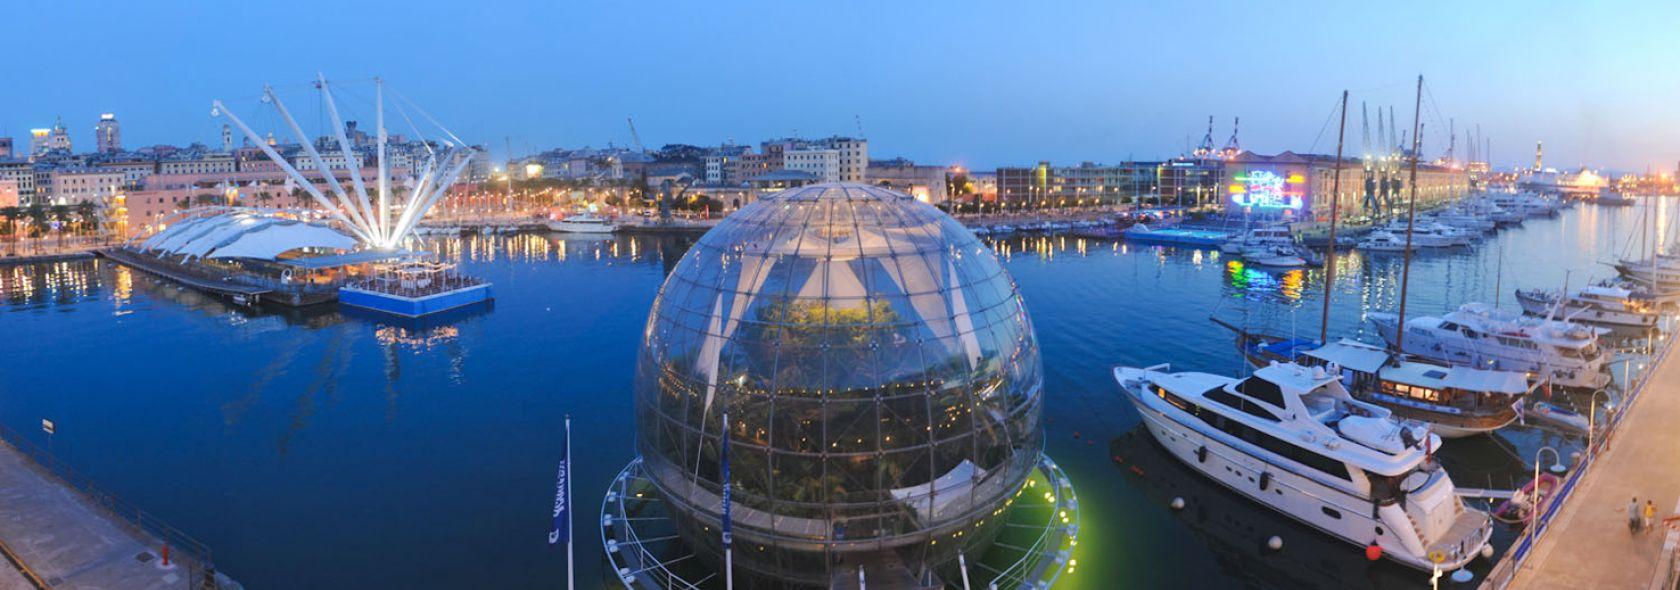 Porto Antico ph: Merlofotografia